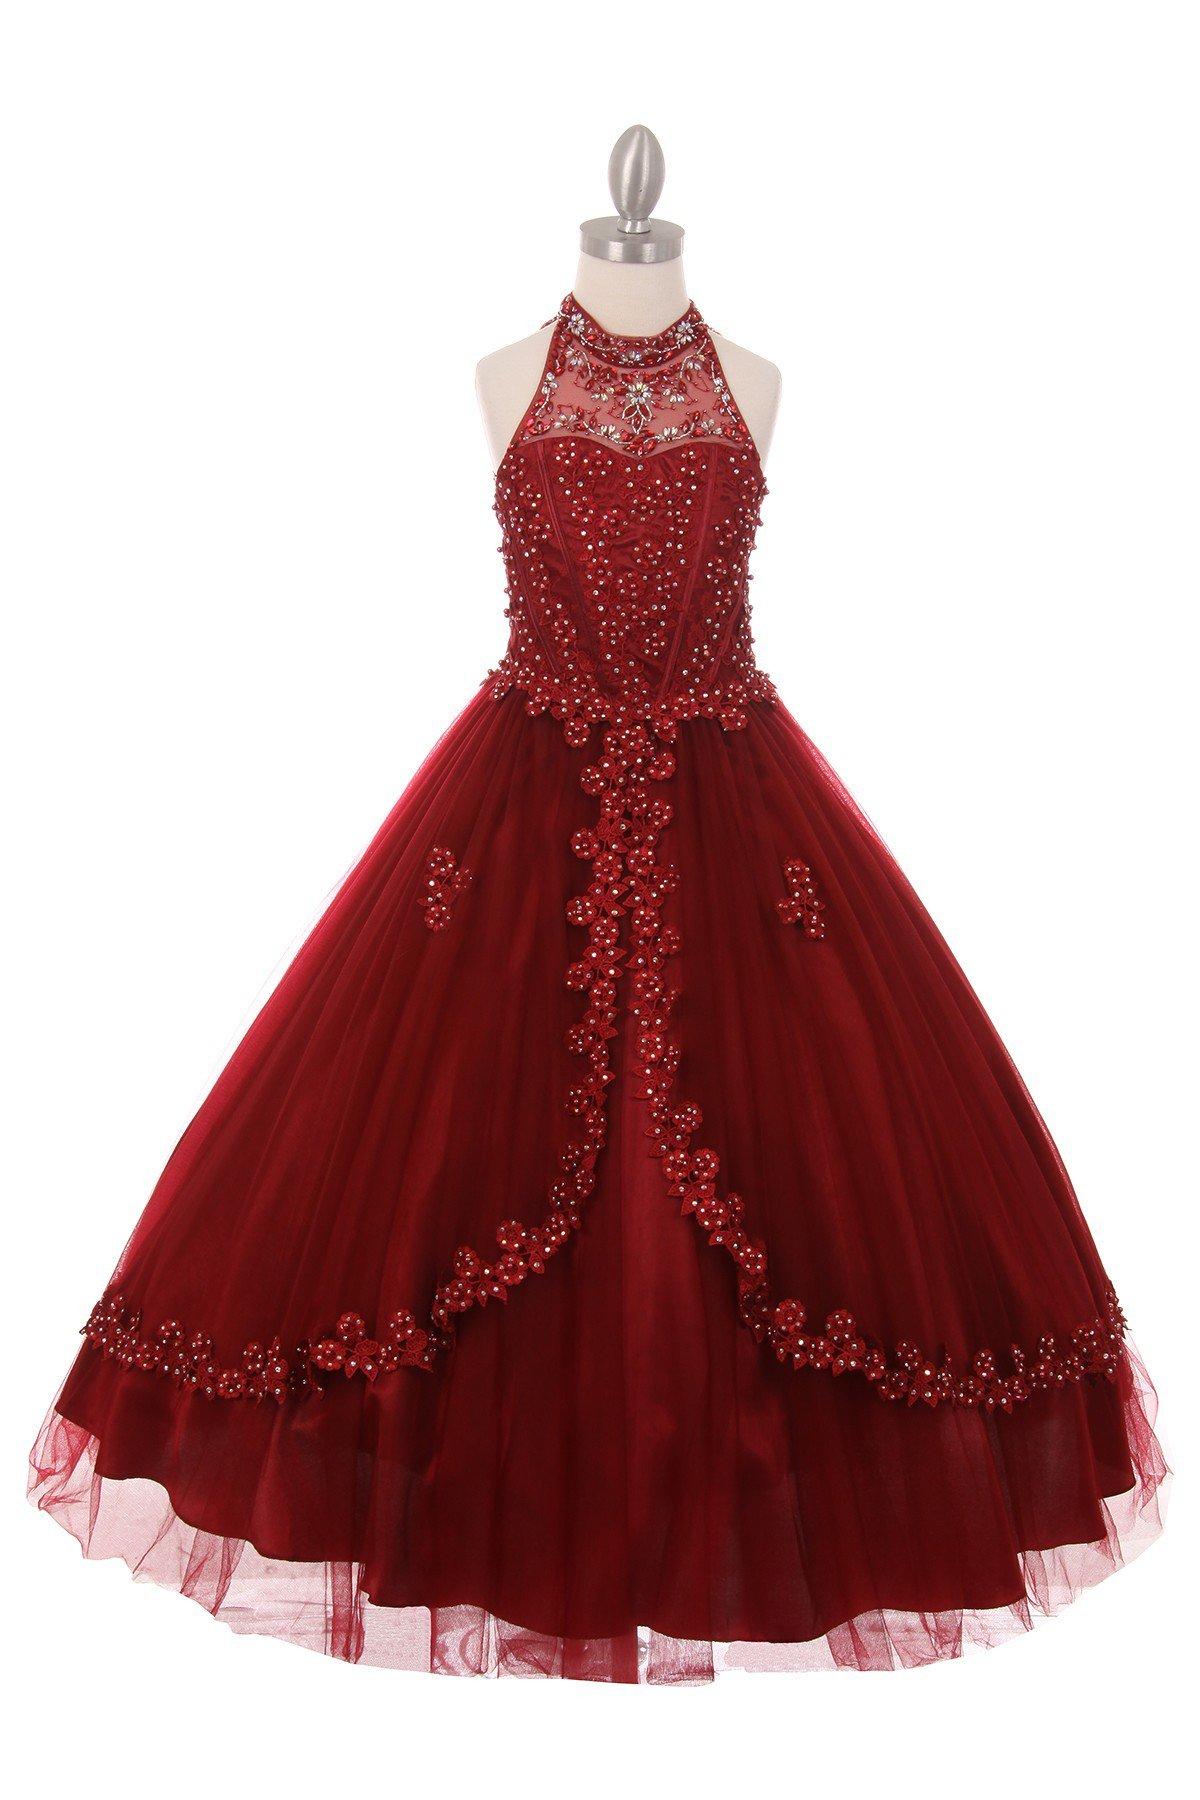 0177992856 Christmas dresses for girls